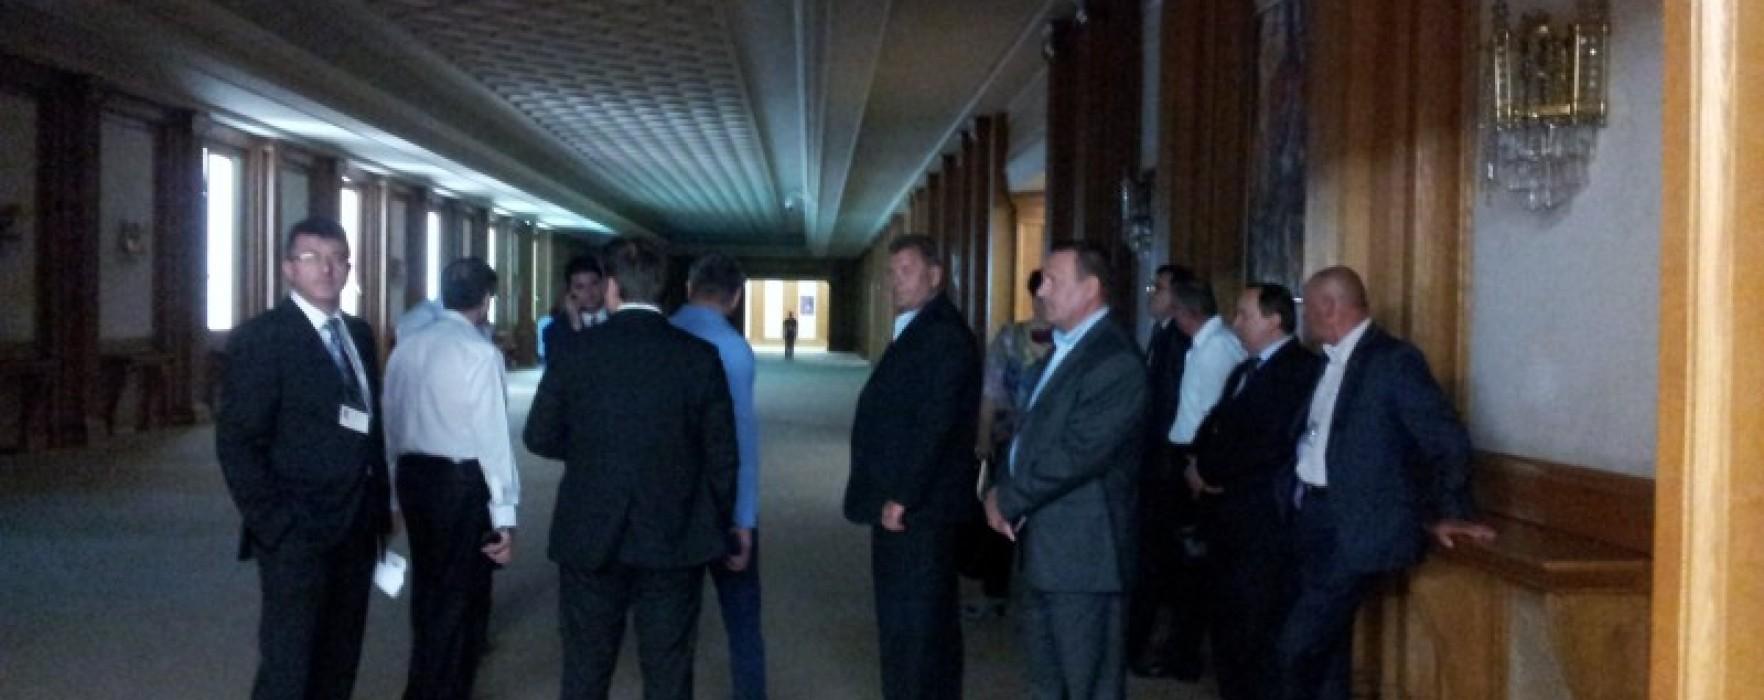 Mihail Volintiru a fost demis de la conducerea PNL Dâmboviţa